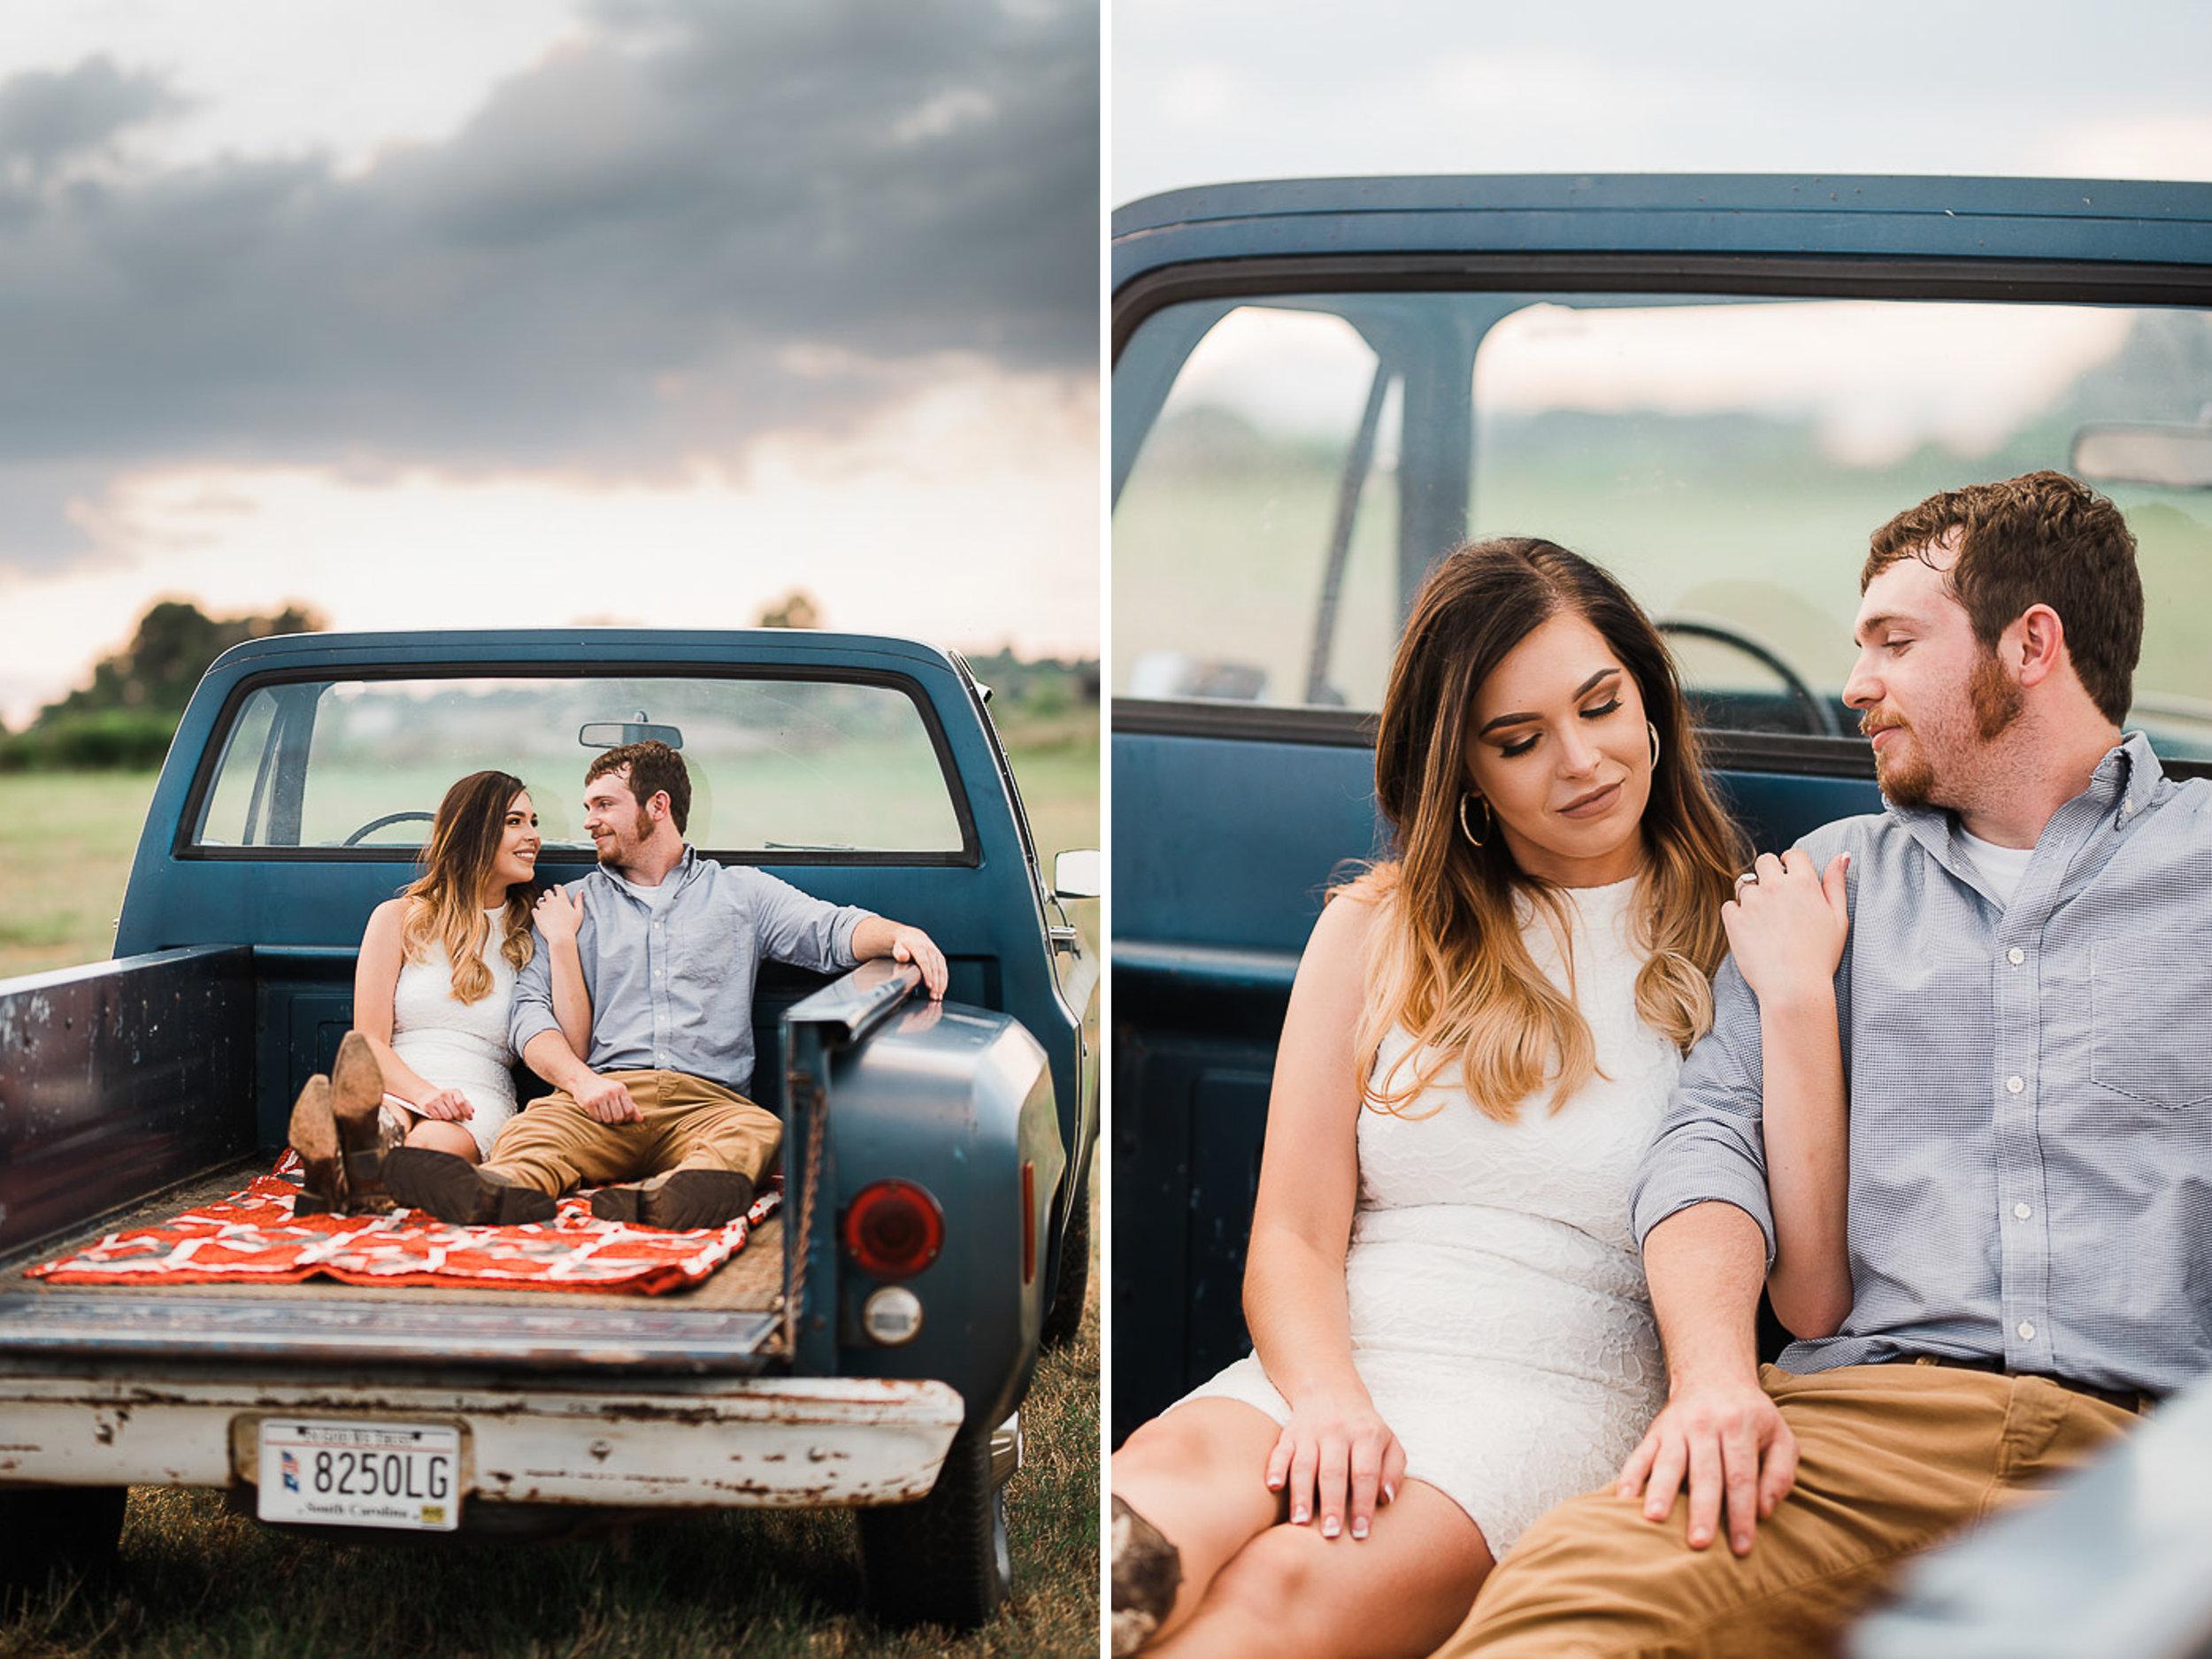 Field Engagement Portraits, Truck, Sunset, Dancing, 08.jpg